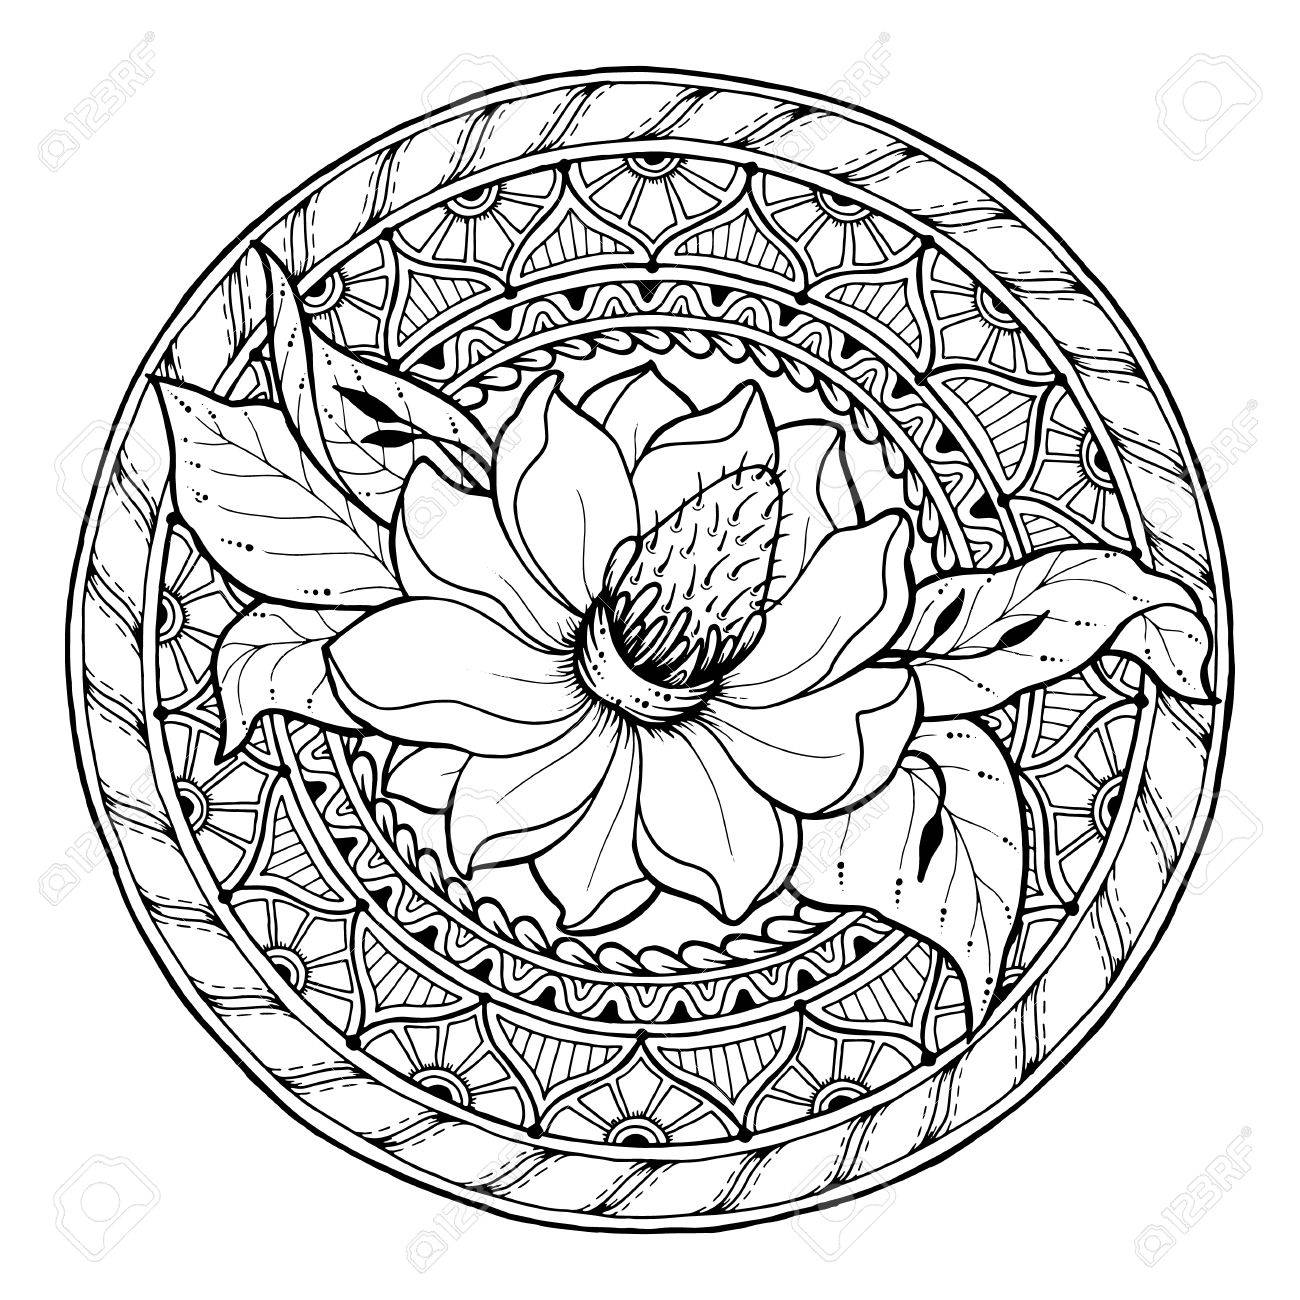 Blumenthema. Kreis Sommer Doodle Blumen-Ornament. Hand Gezeichnet ...